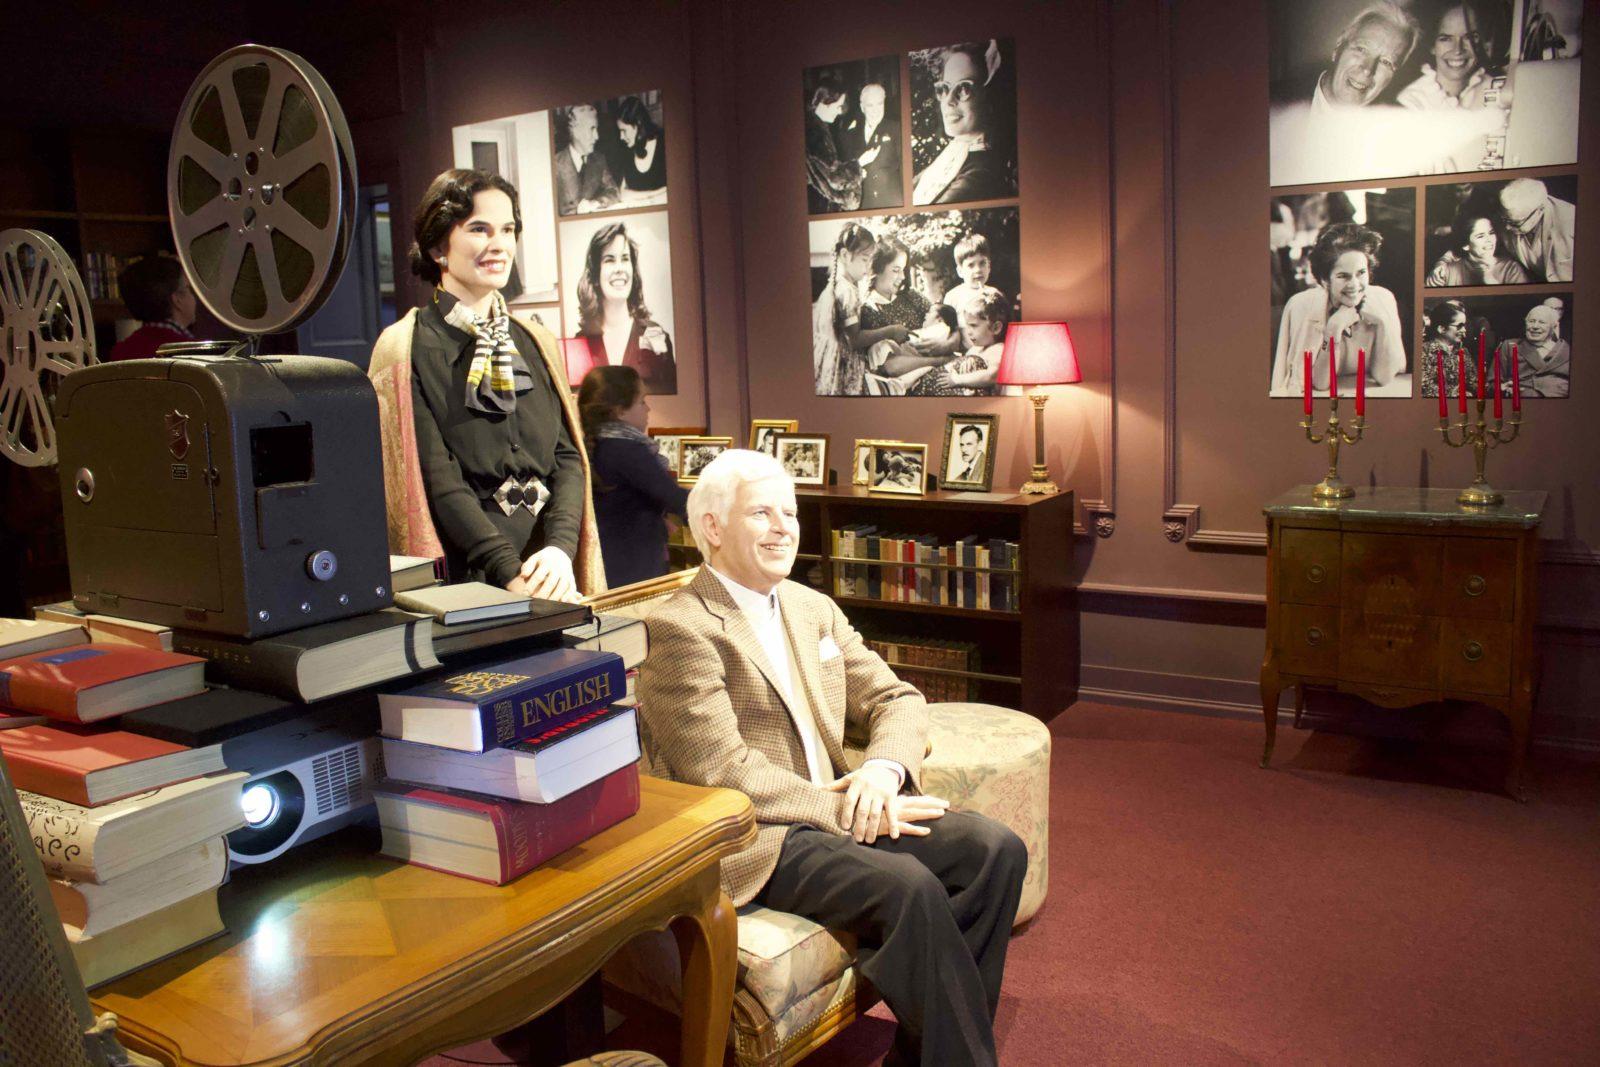 Manoir de Ban Corsier sur Vevey Oona et Charlie Chaplin